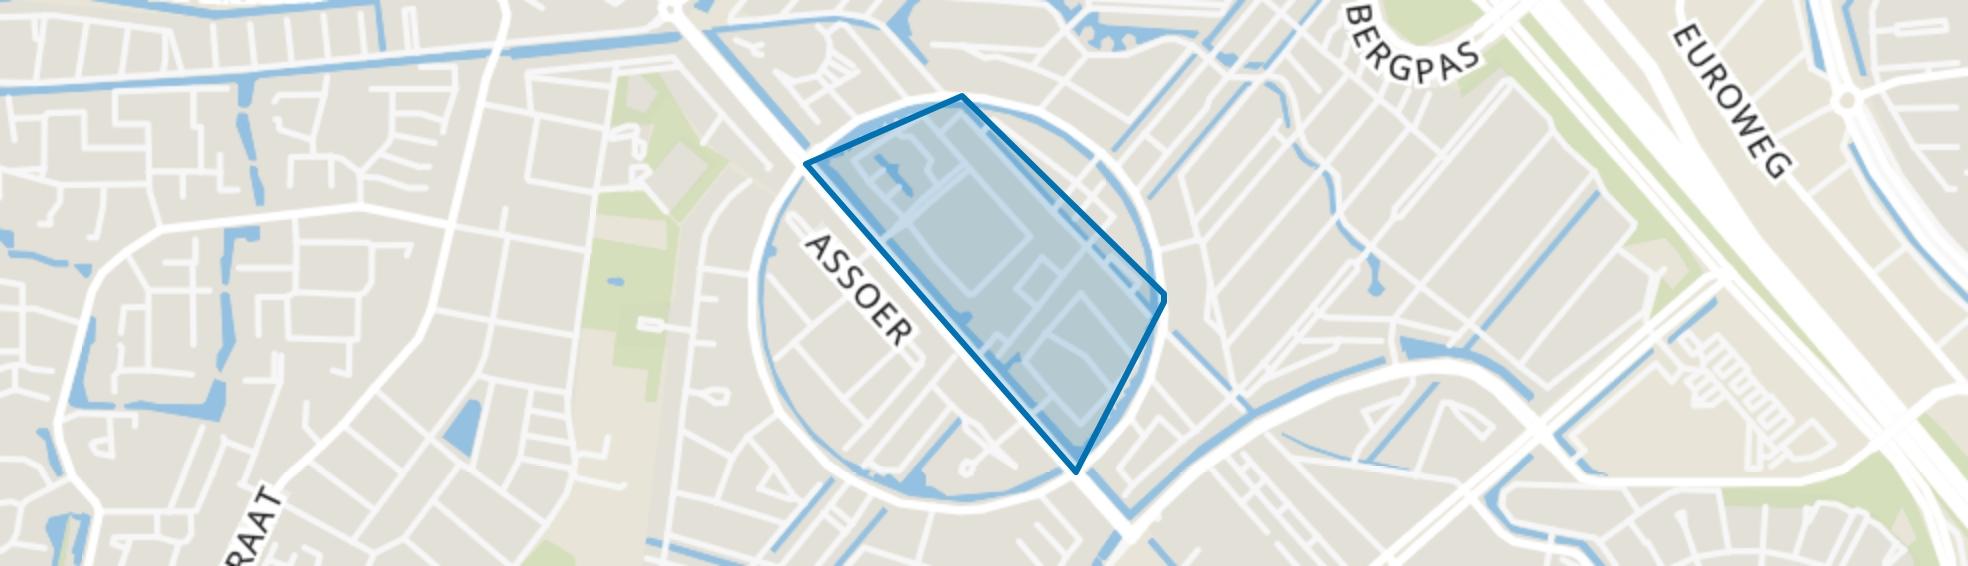 De Verwondering, Amersfoort map